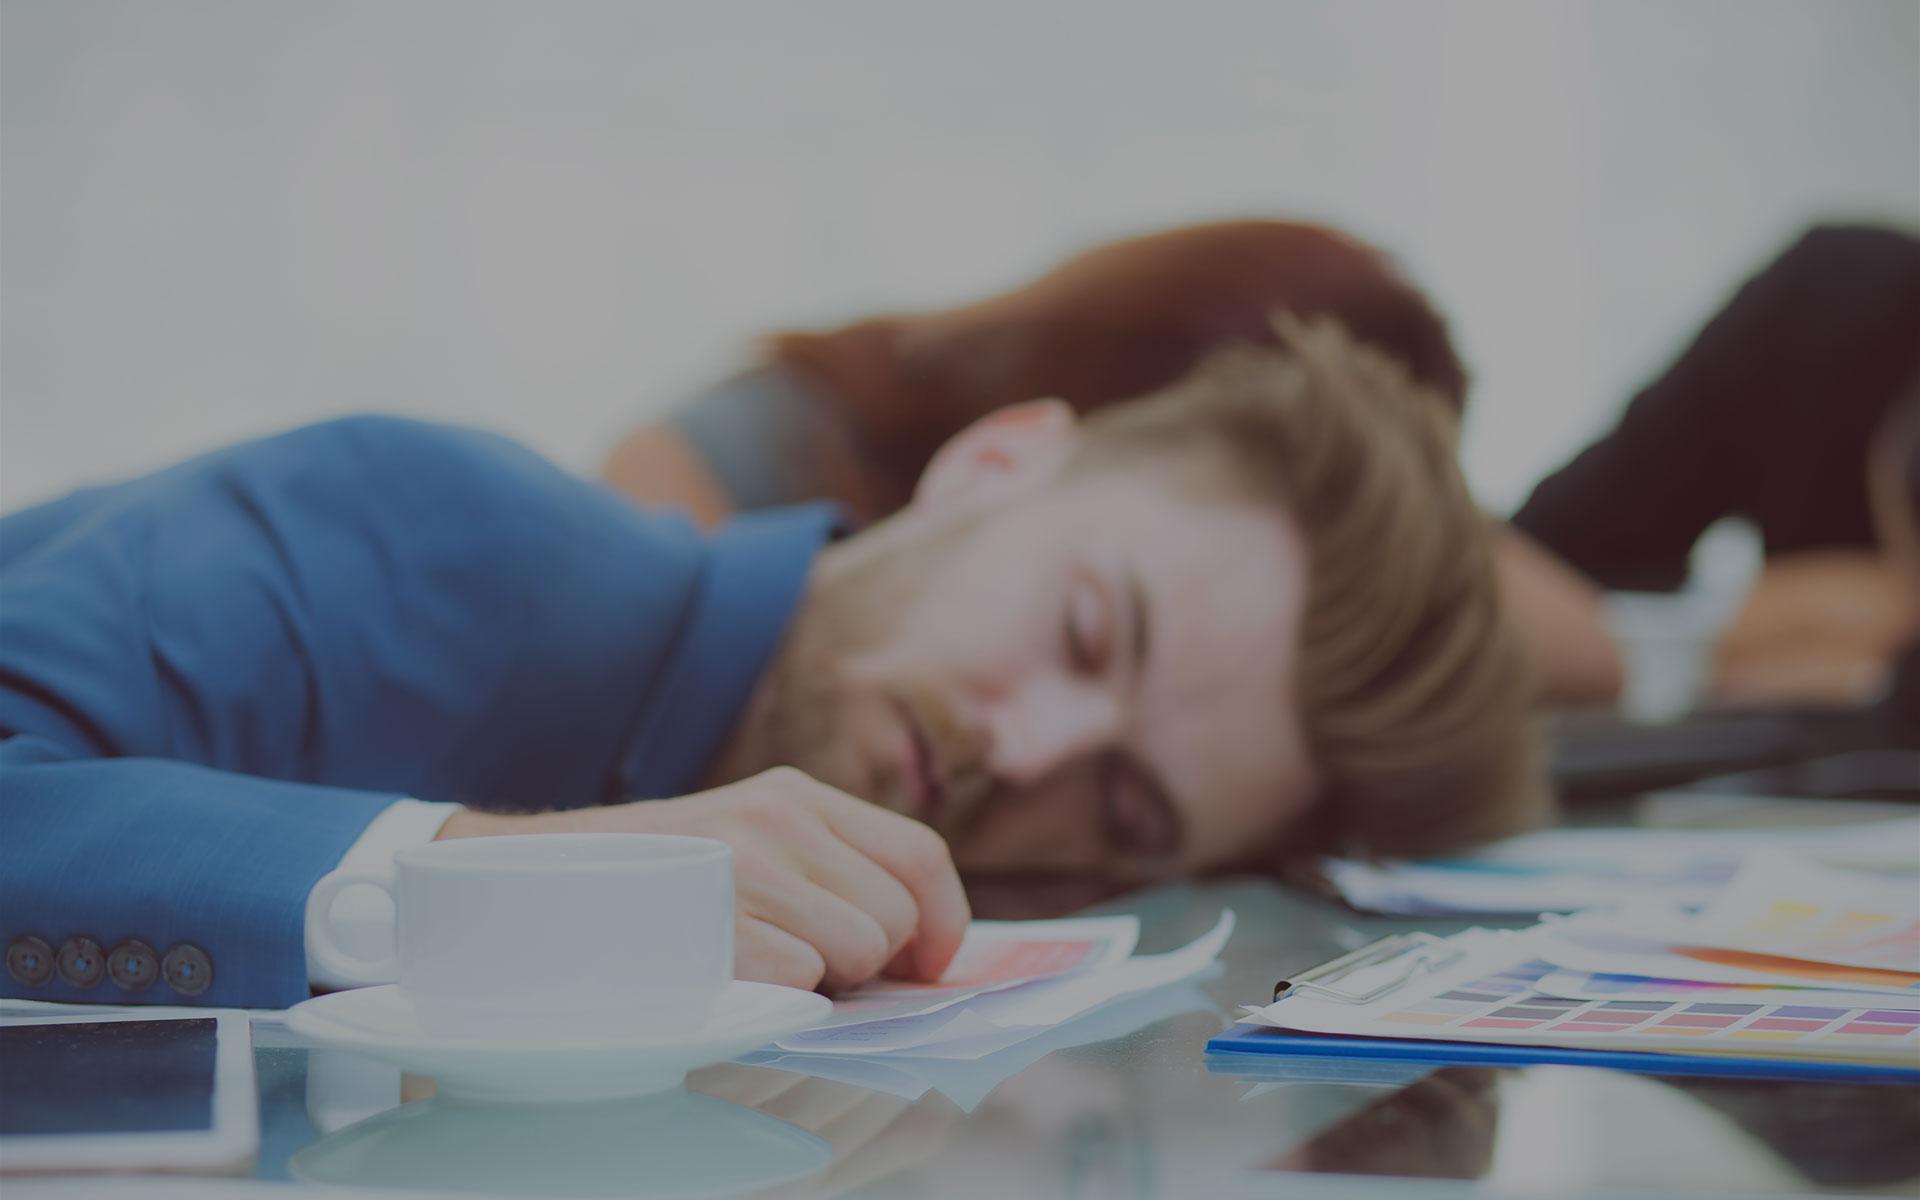 se sont déjà endormis  lors d'une présentation